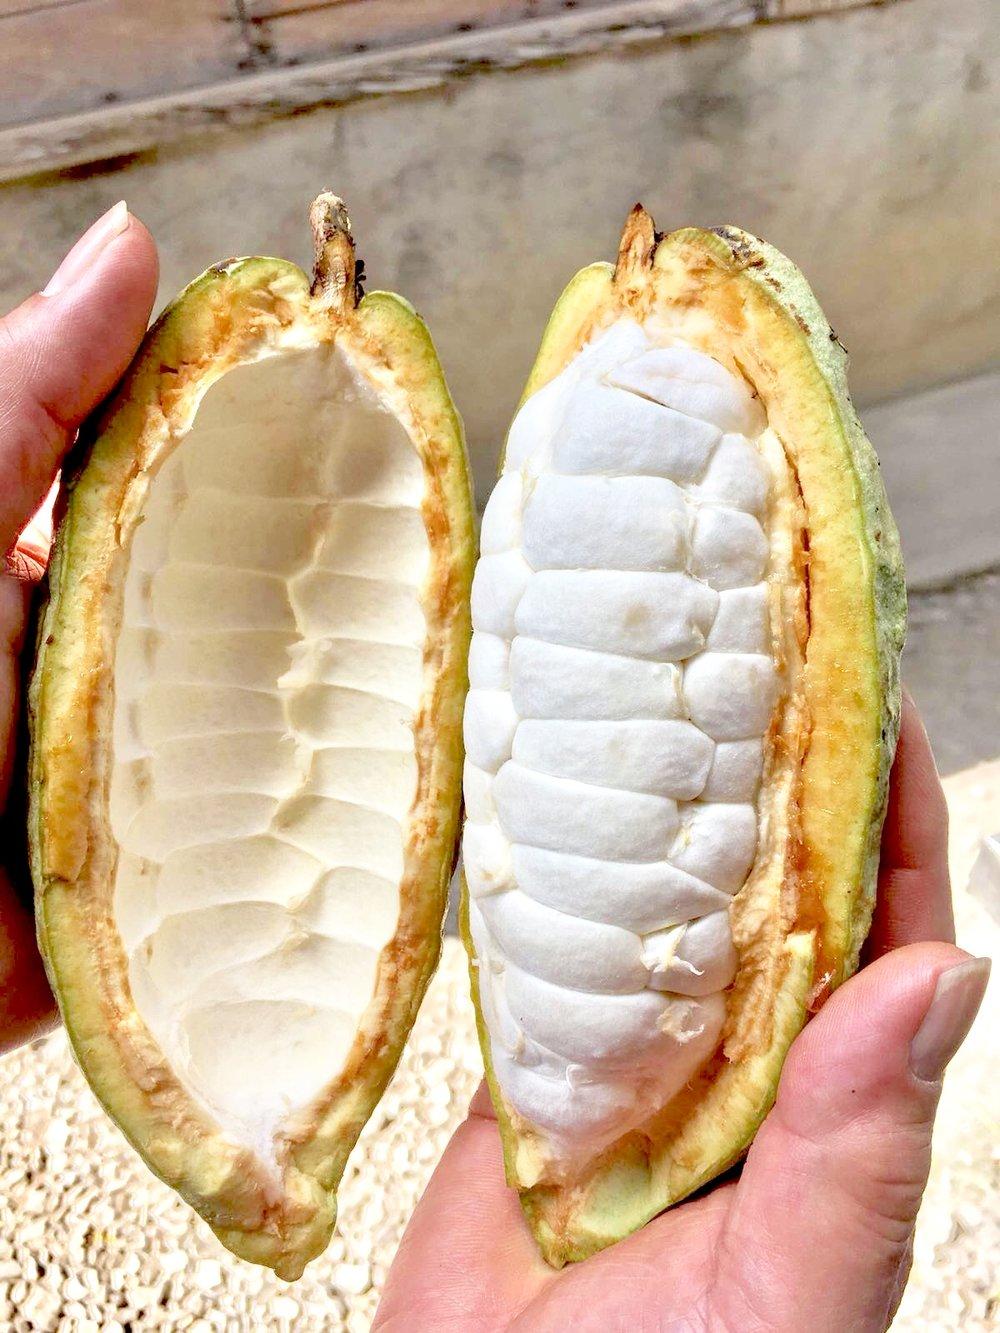 Cacao pod in Philippines  © 2018 Geoseph.com